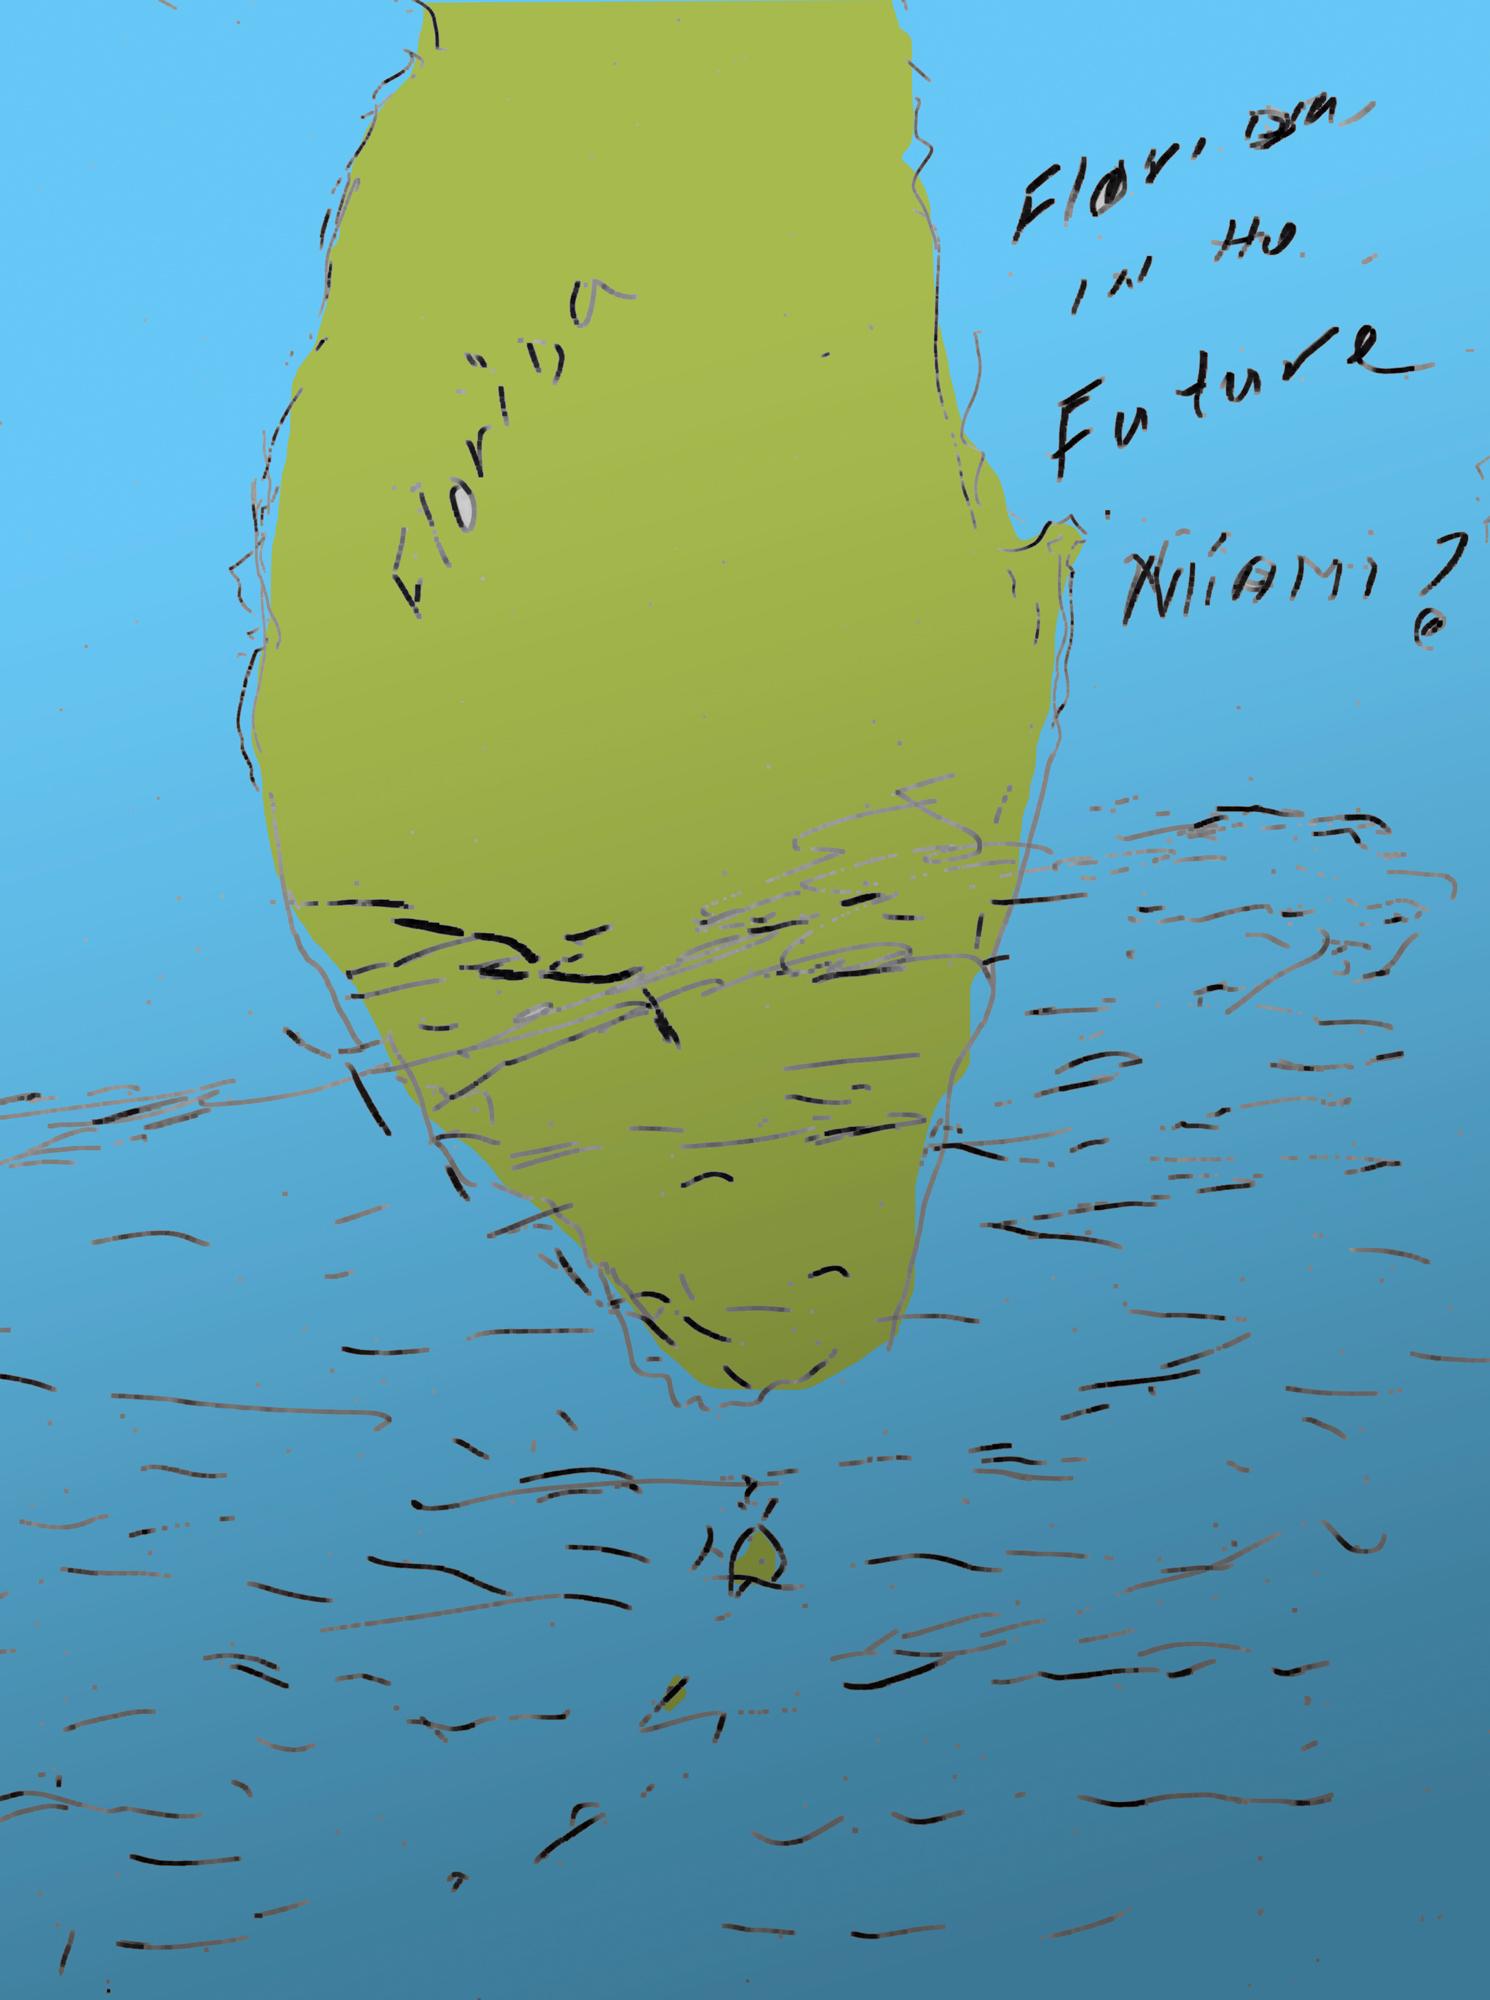 florida in the future, Miami.jpg